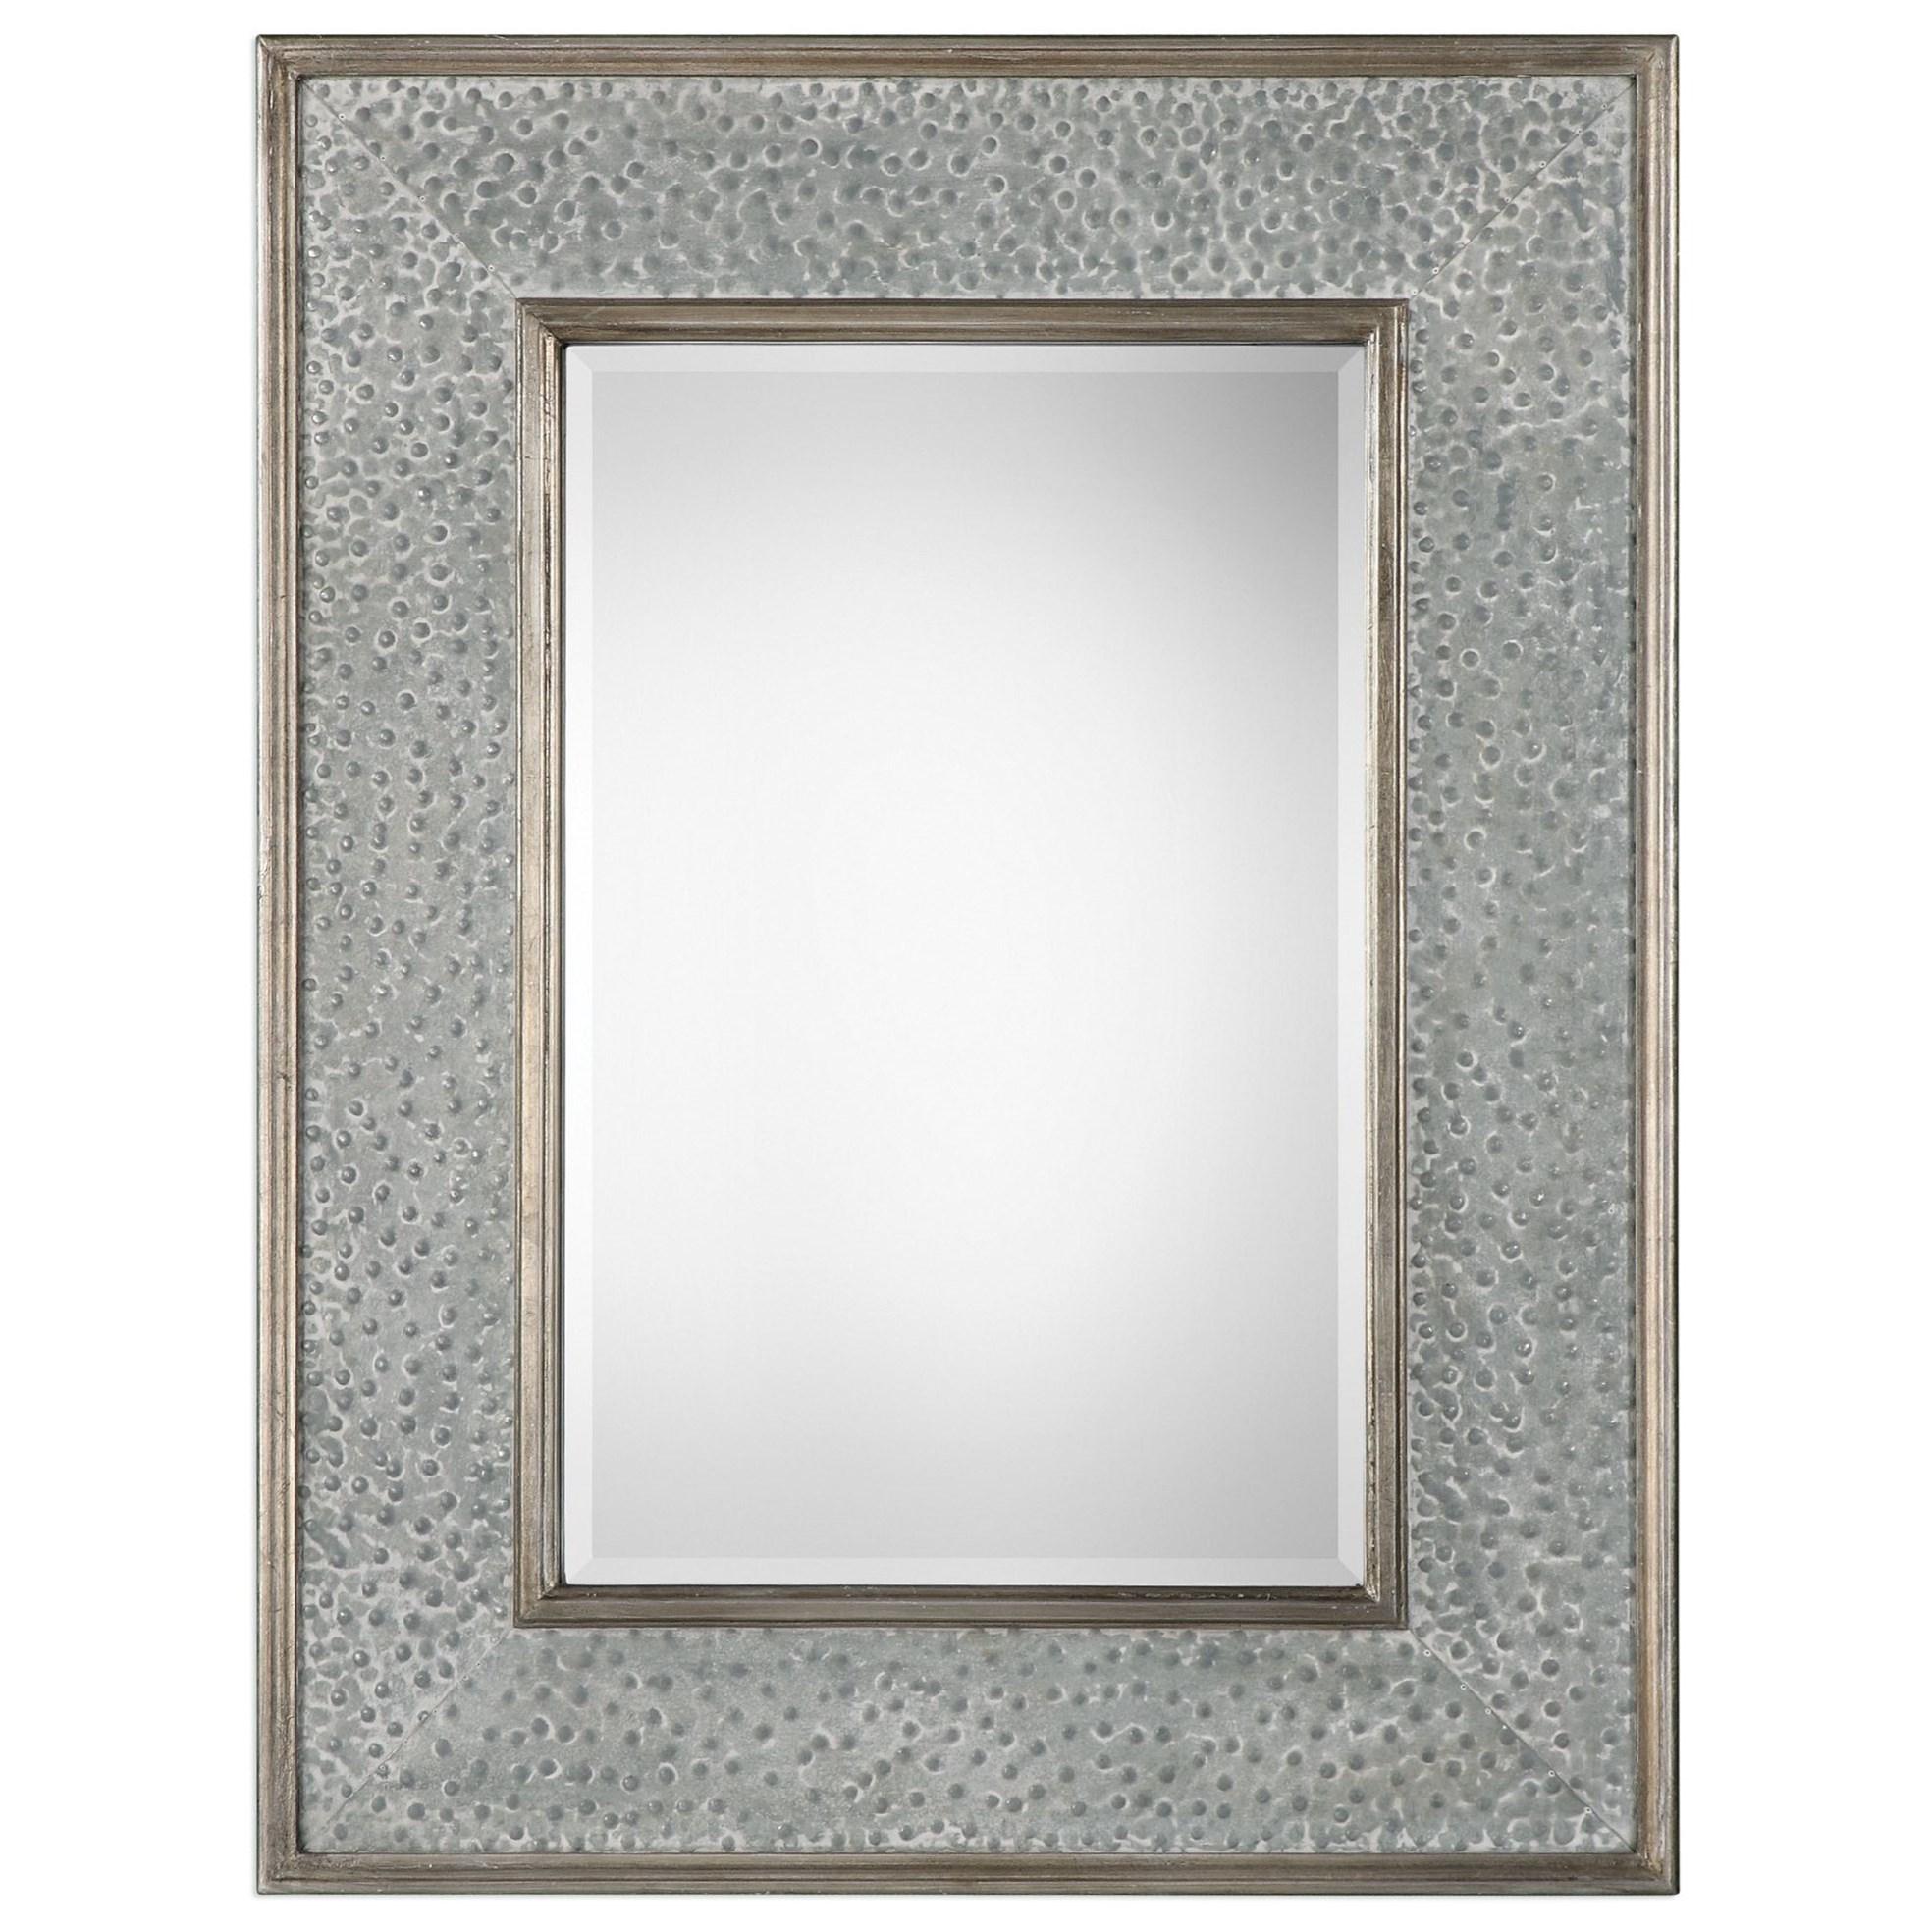 Uttermost MirrorsDraven Textured Silver Mirror ...